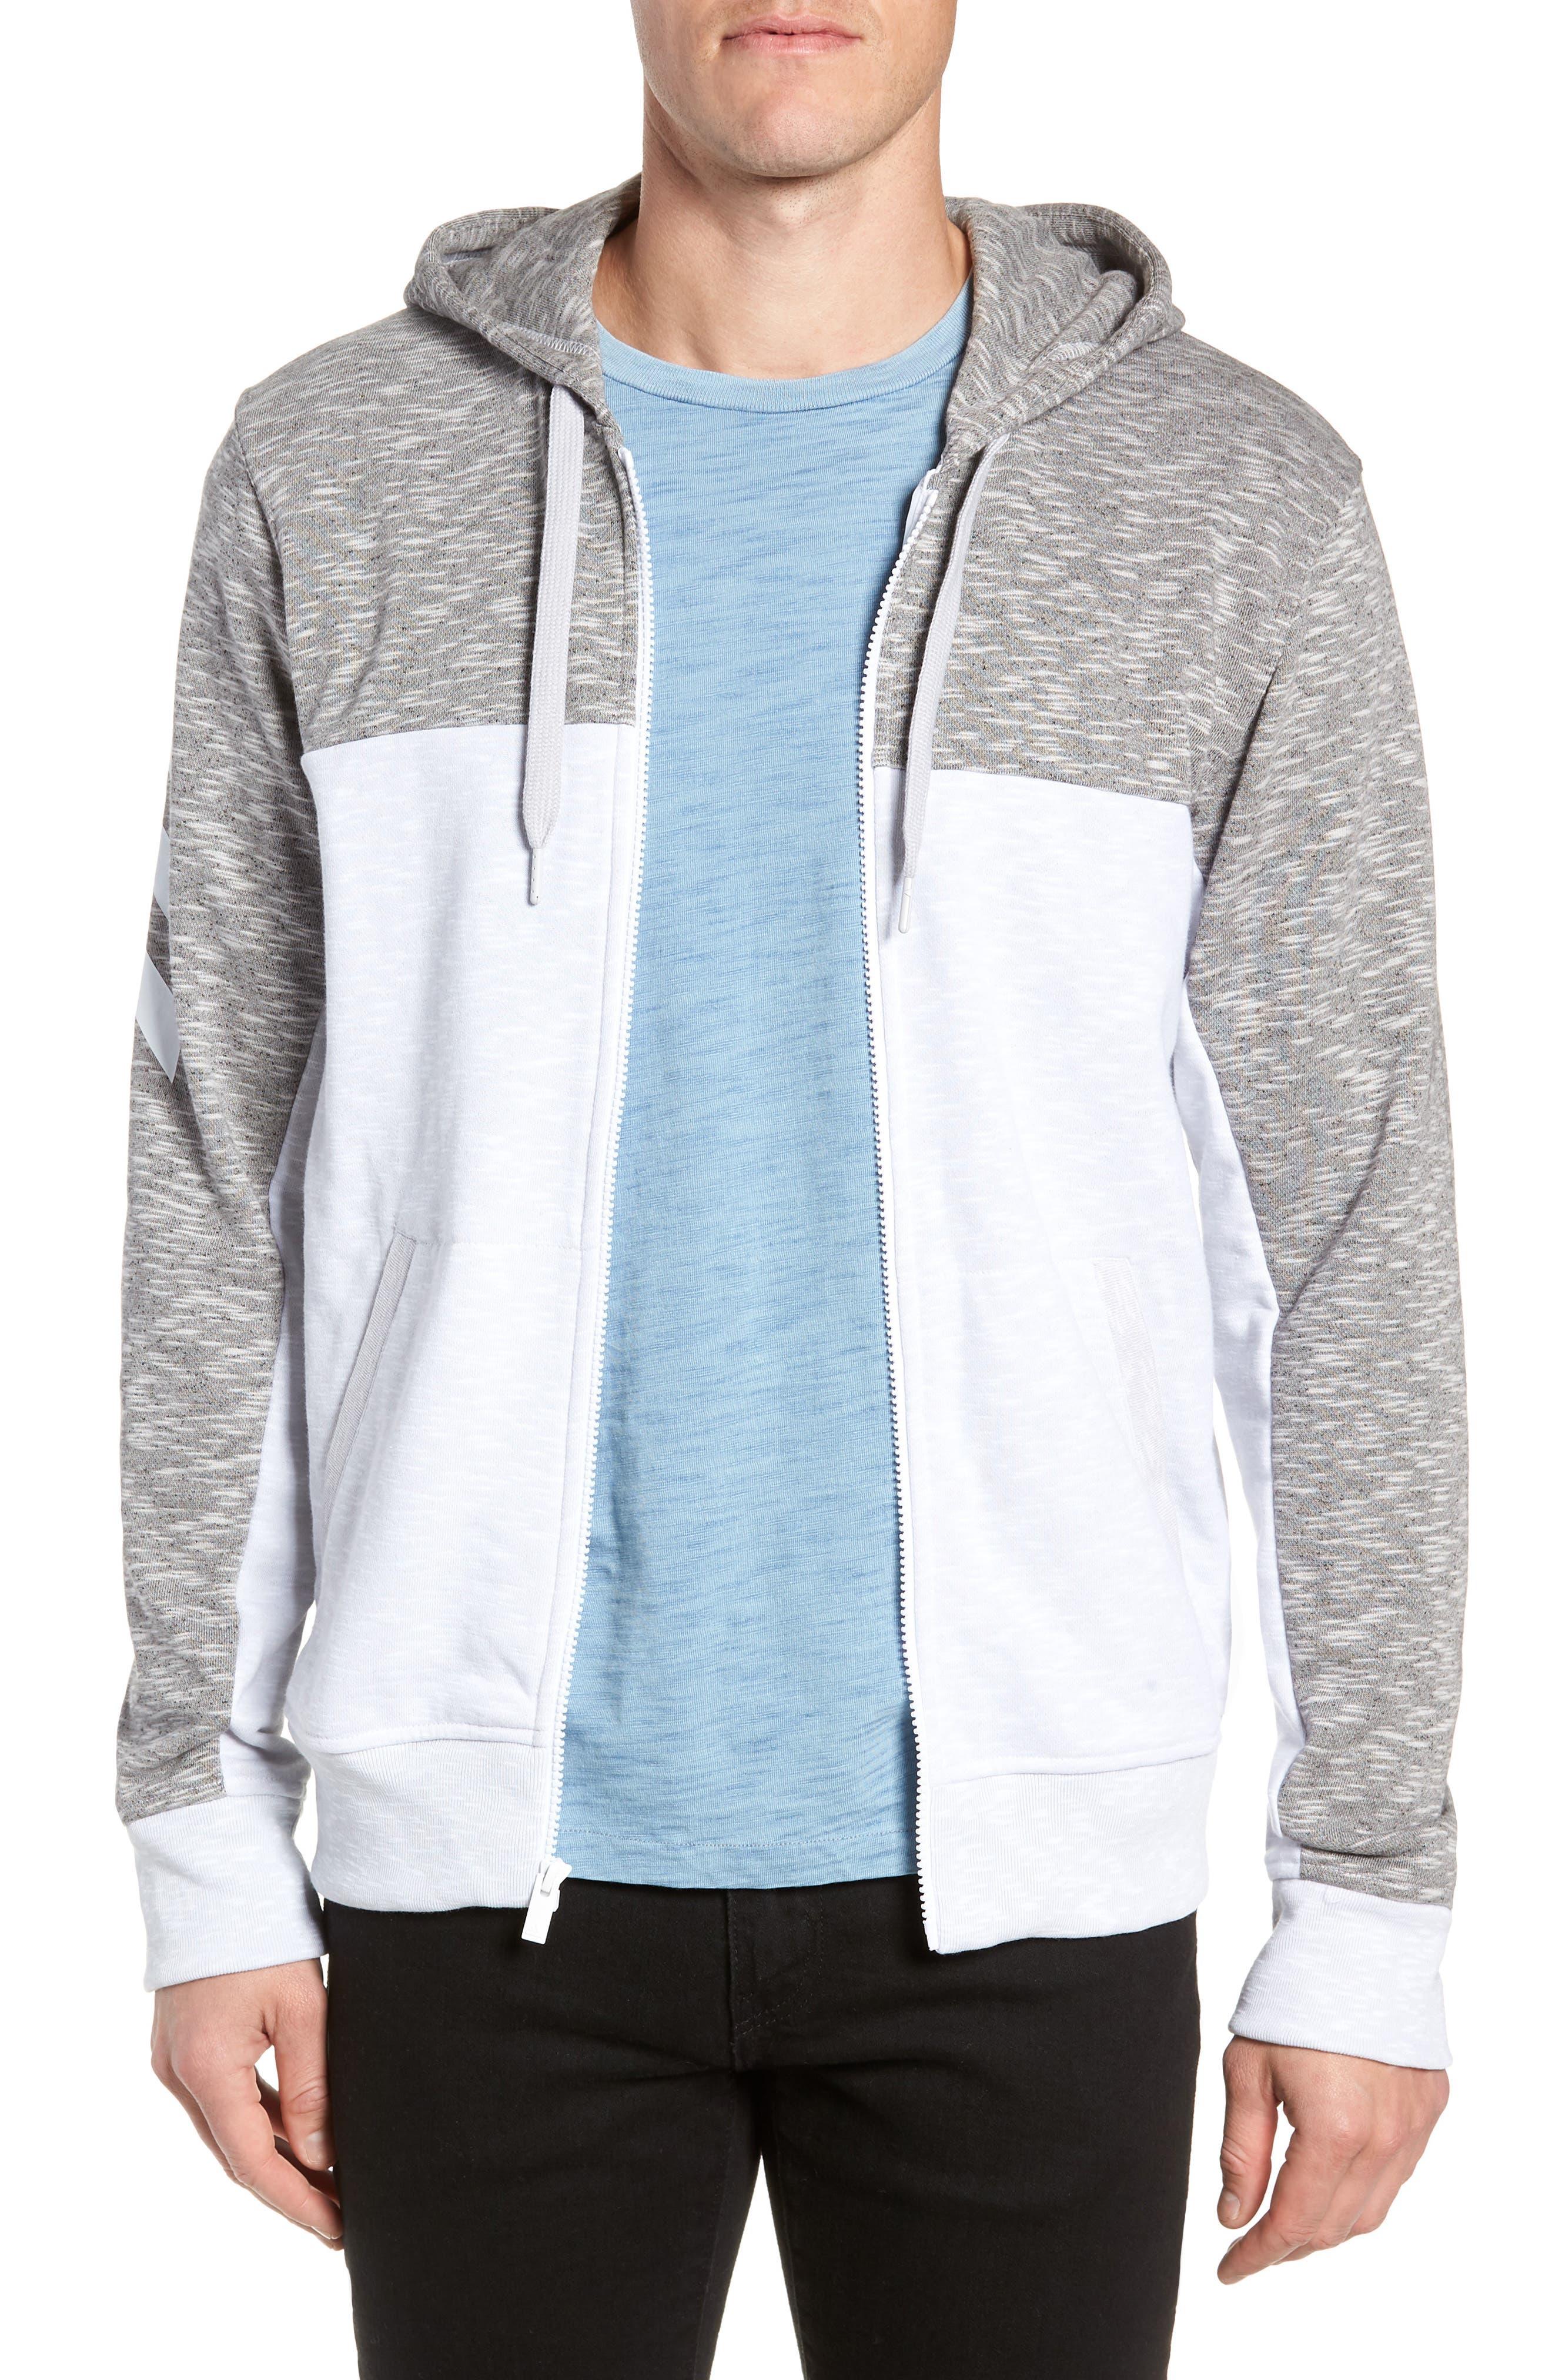 Adidas Pick Up Colorblock Zip Hoodie